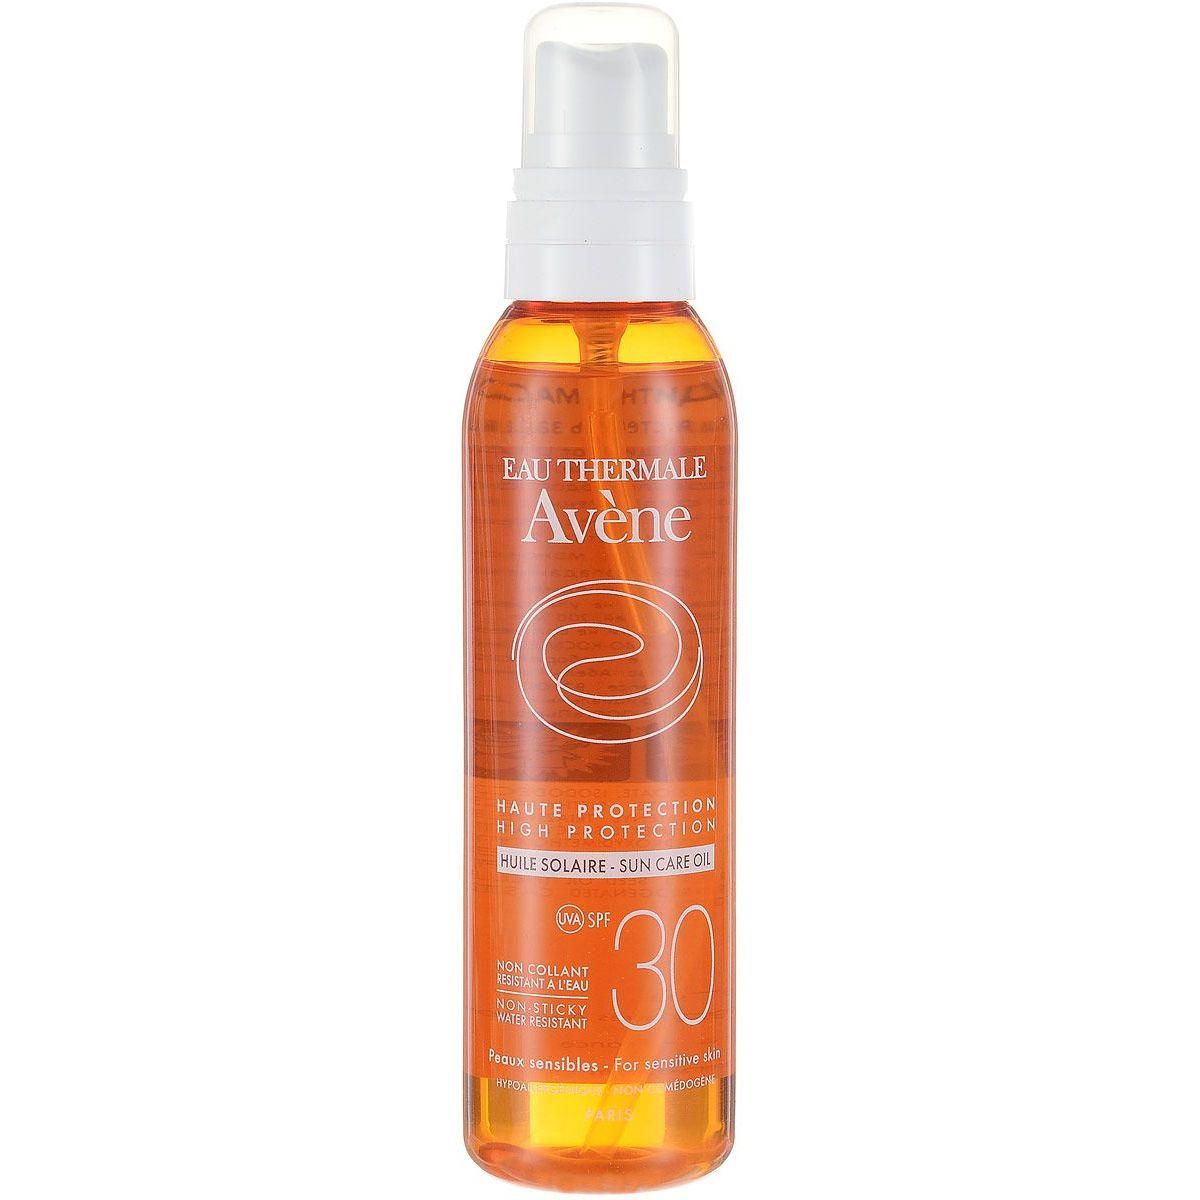 Avene солнцезащитное масло SPF30, масло для наружного применения, 200 мл, 1 шт.